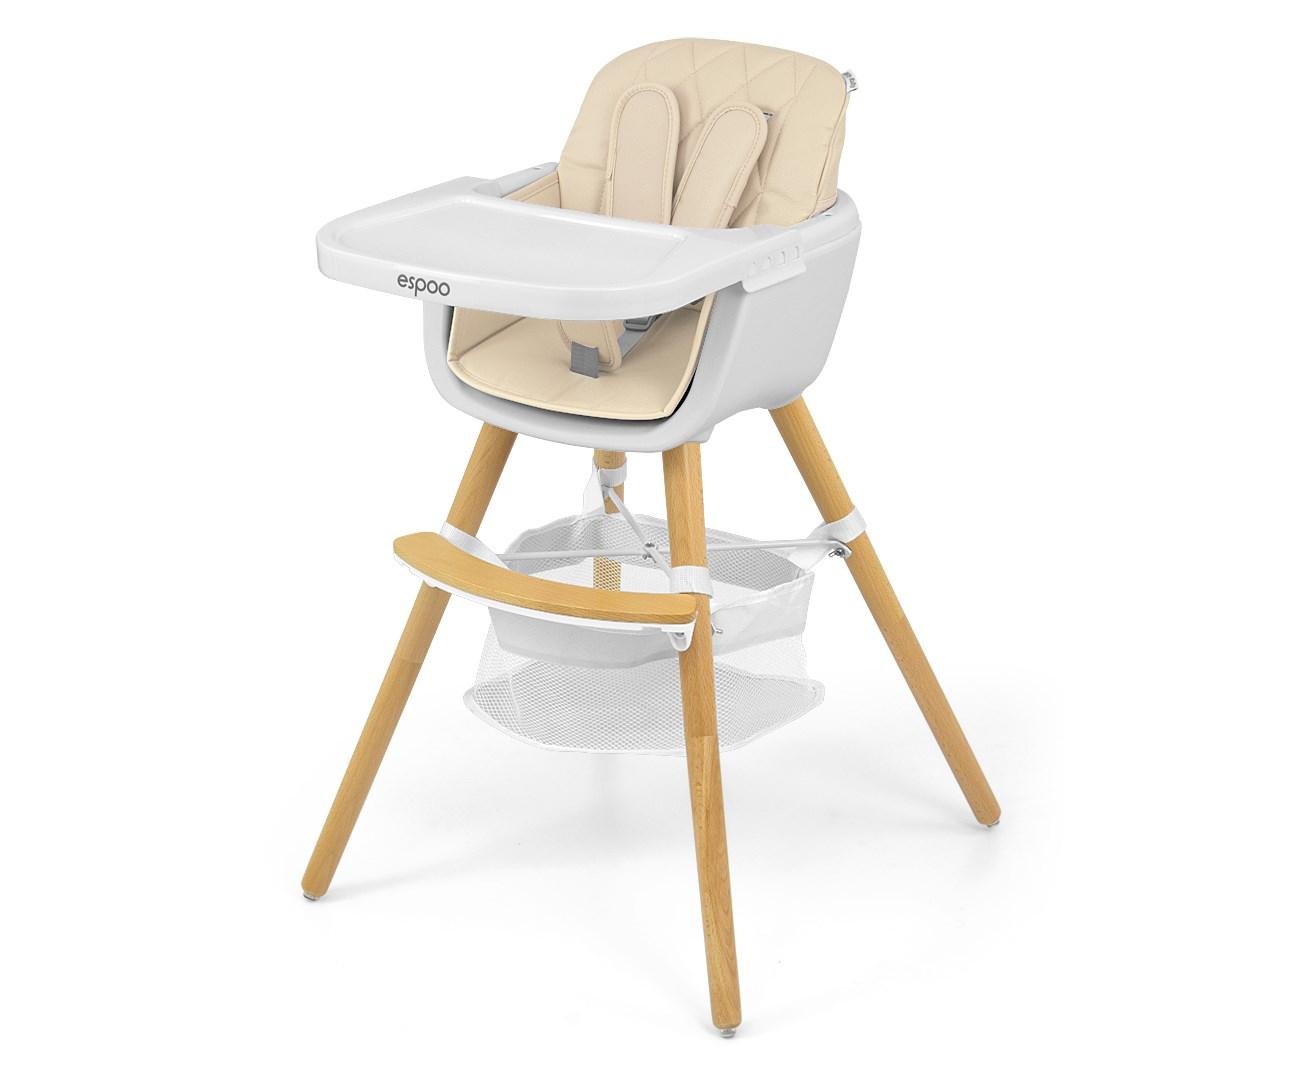 Jedálenská stolička Milly Mally 2v1 Espoo béžová